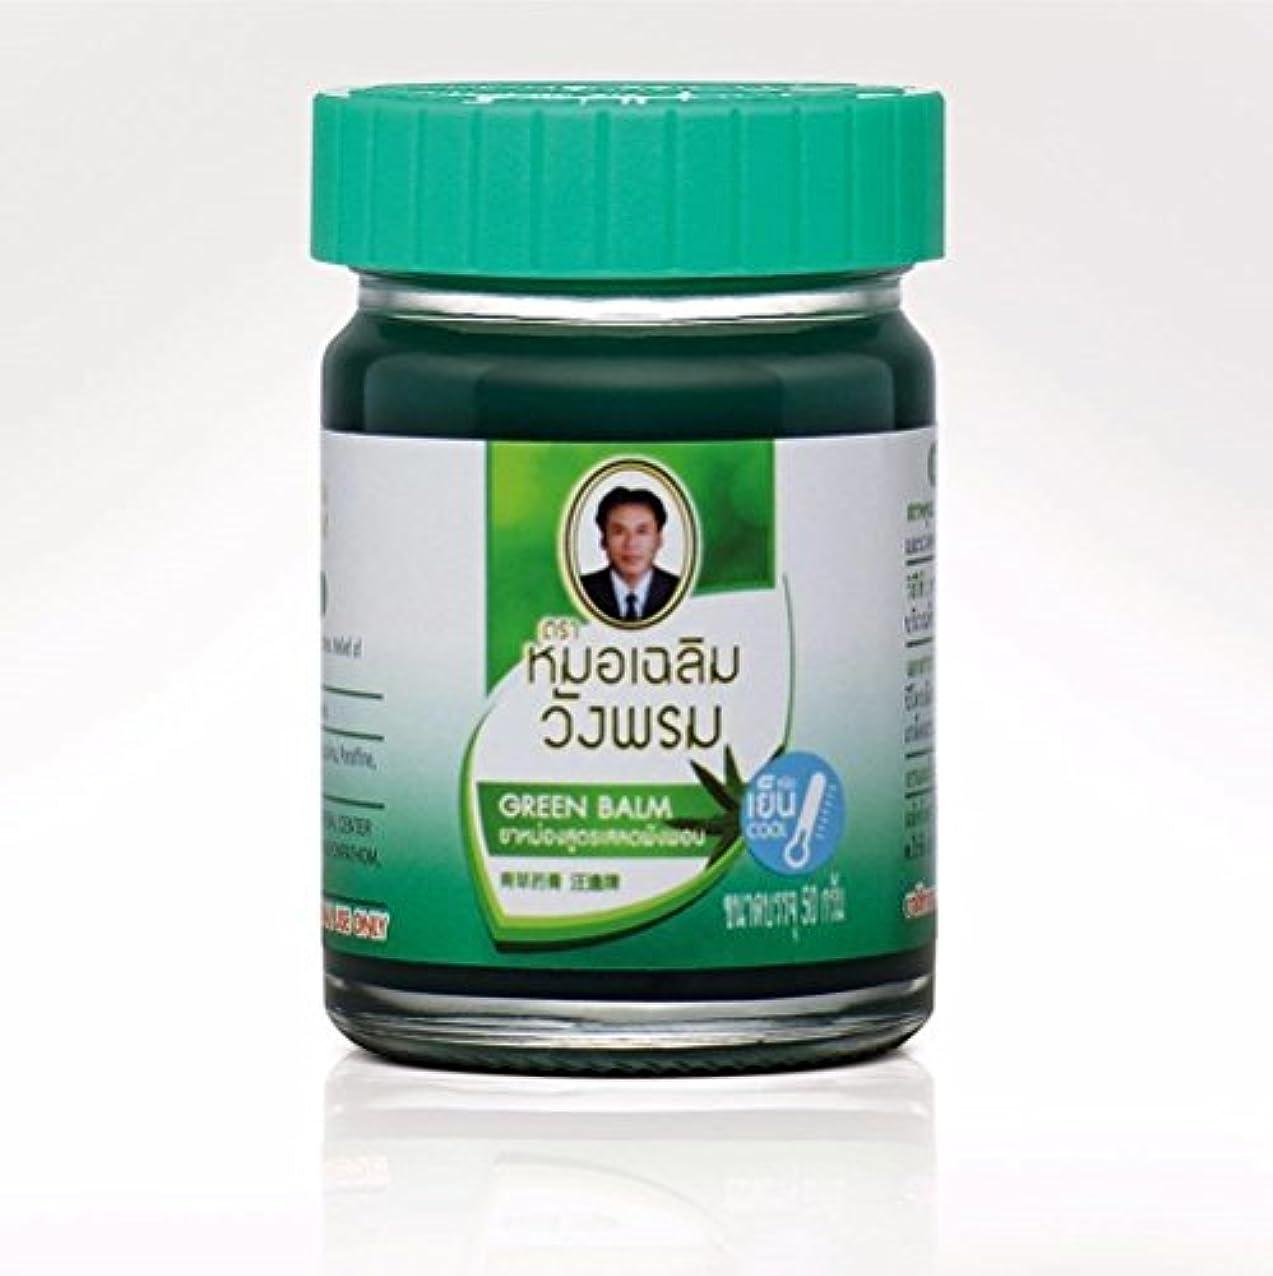 細部スカート蒸留50G.Wangphrom Thai Herbal Balm Massage Body Relief Muscle Pain,Thai Herb Green Balm (COOL) size 50 gram..(2 pc.)